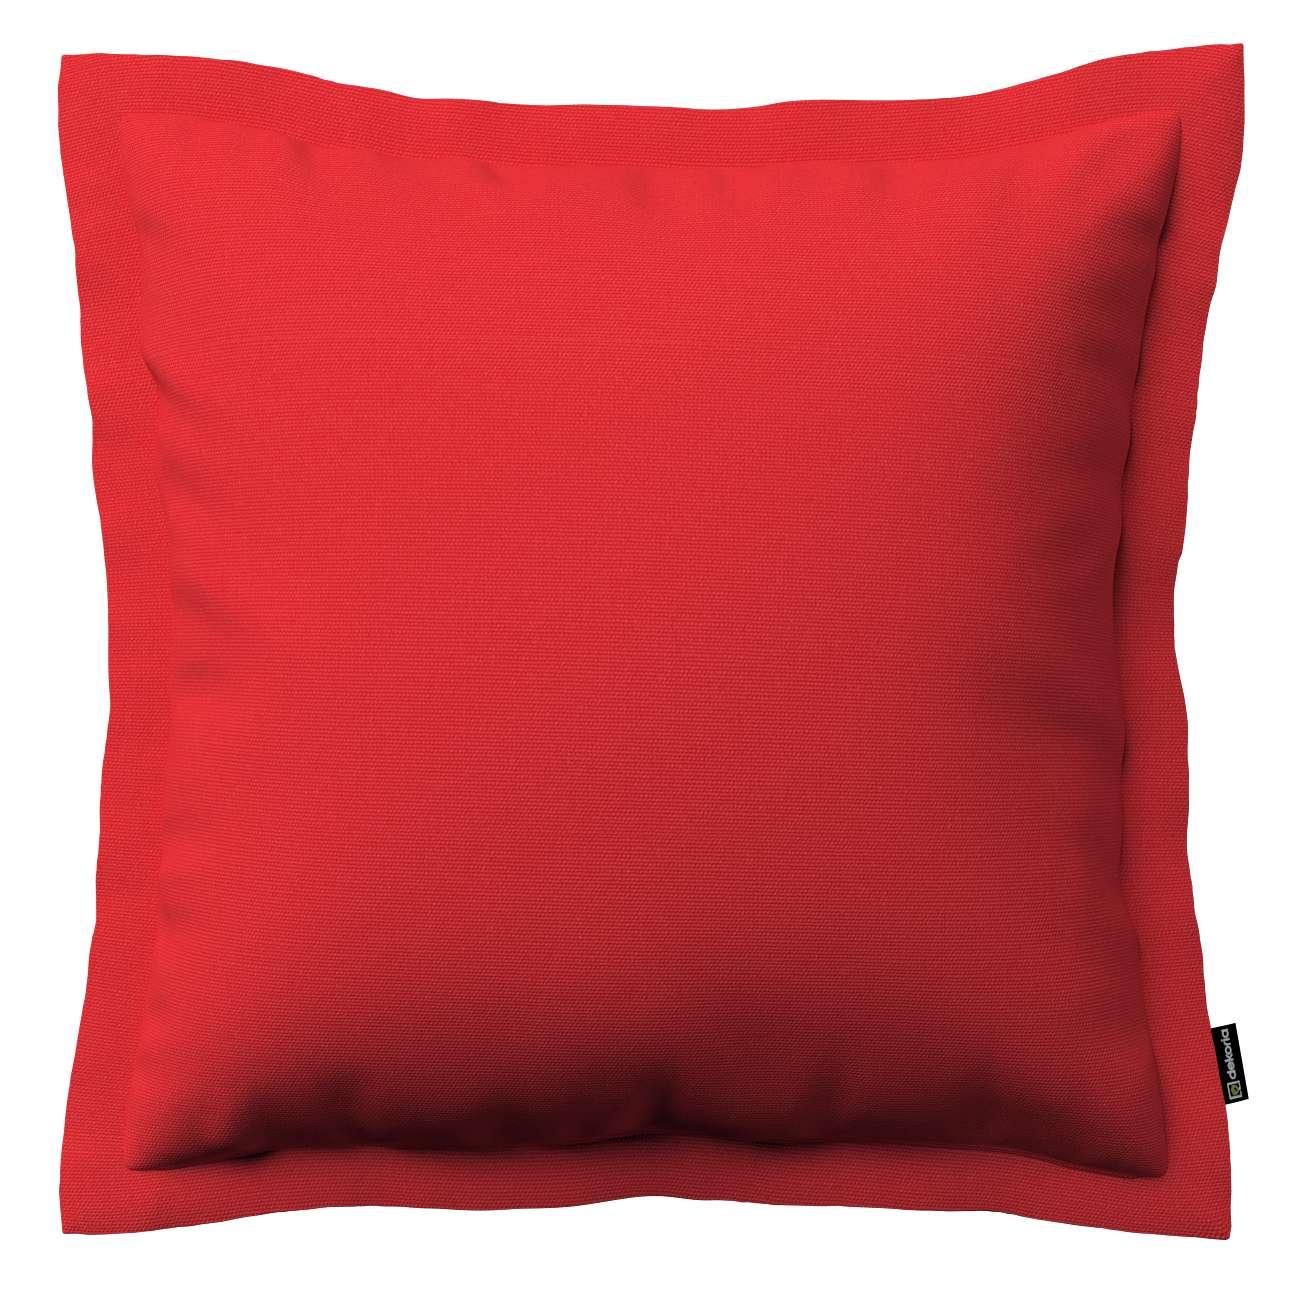 Mona dekoratyvinių pagalvėlių užvalkalas su sienele 38 x 38 cm kolekcijoje Loneta , audinys: 133-43